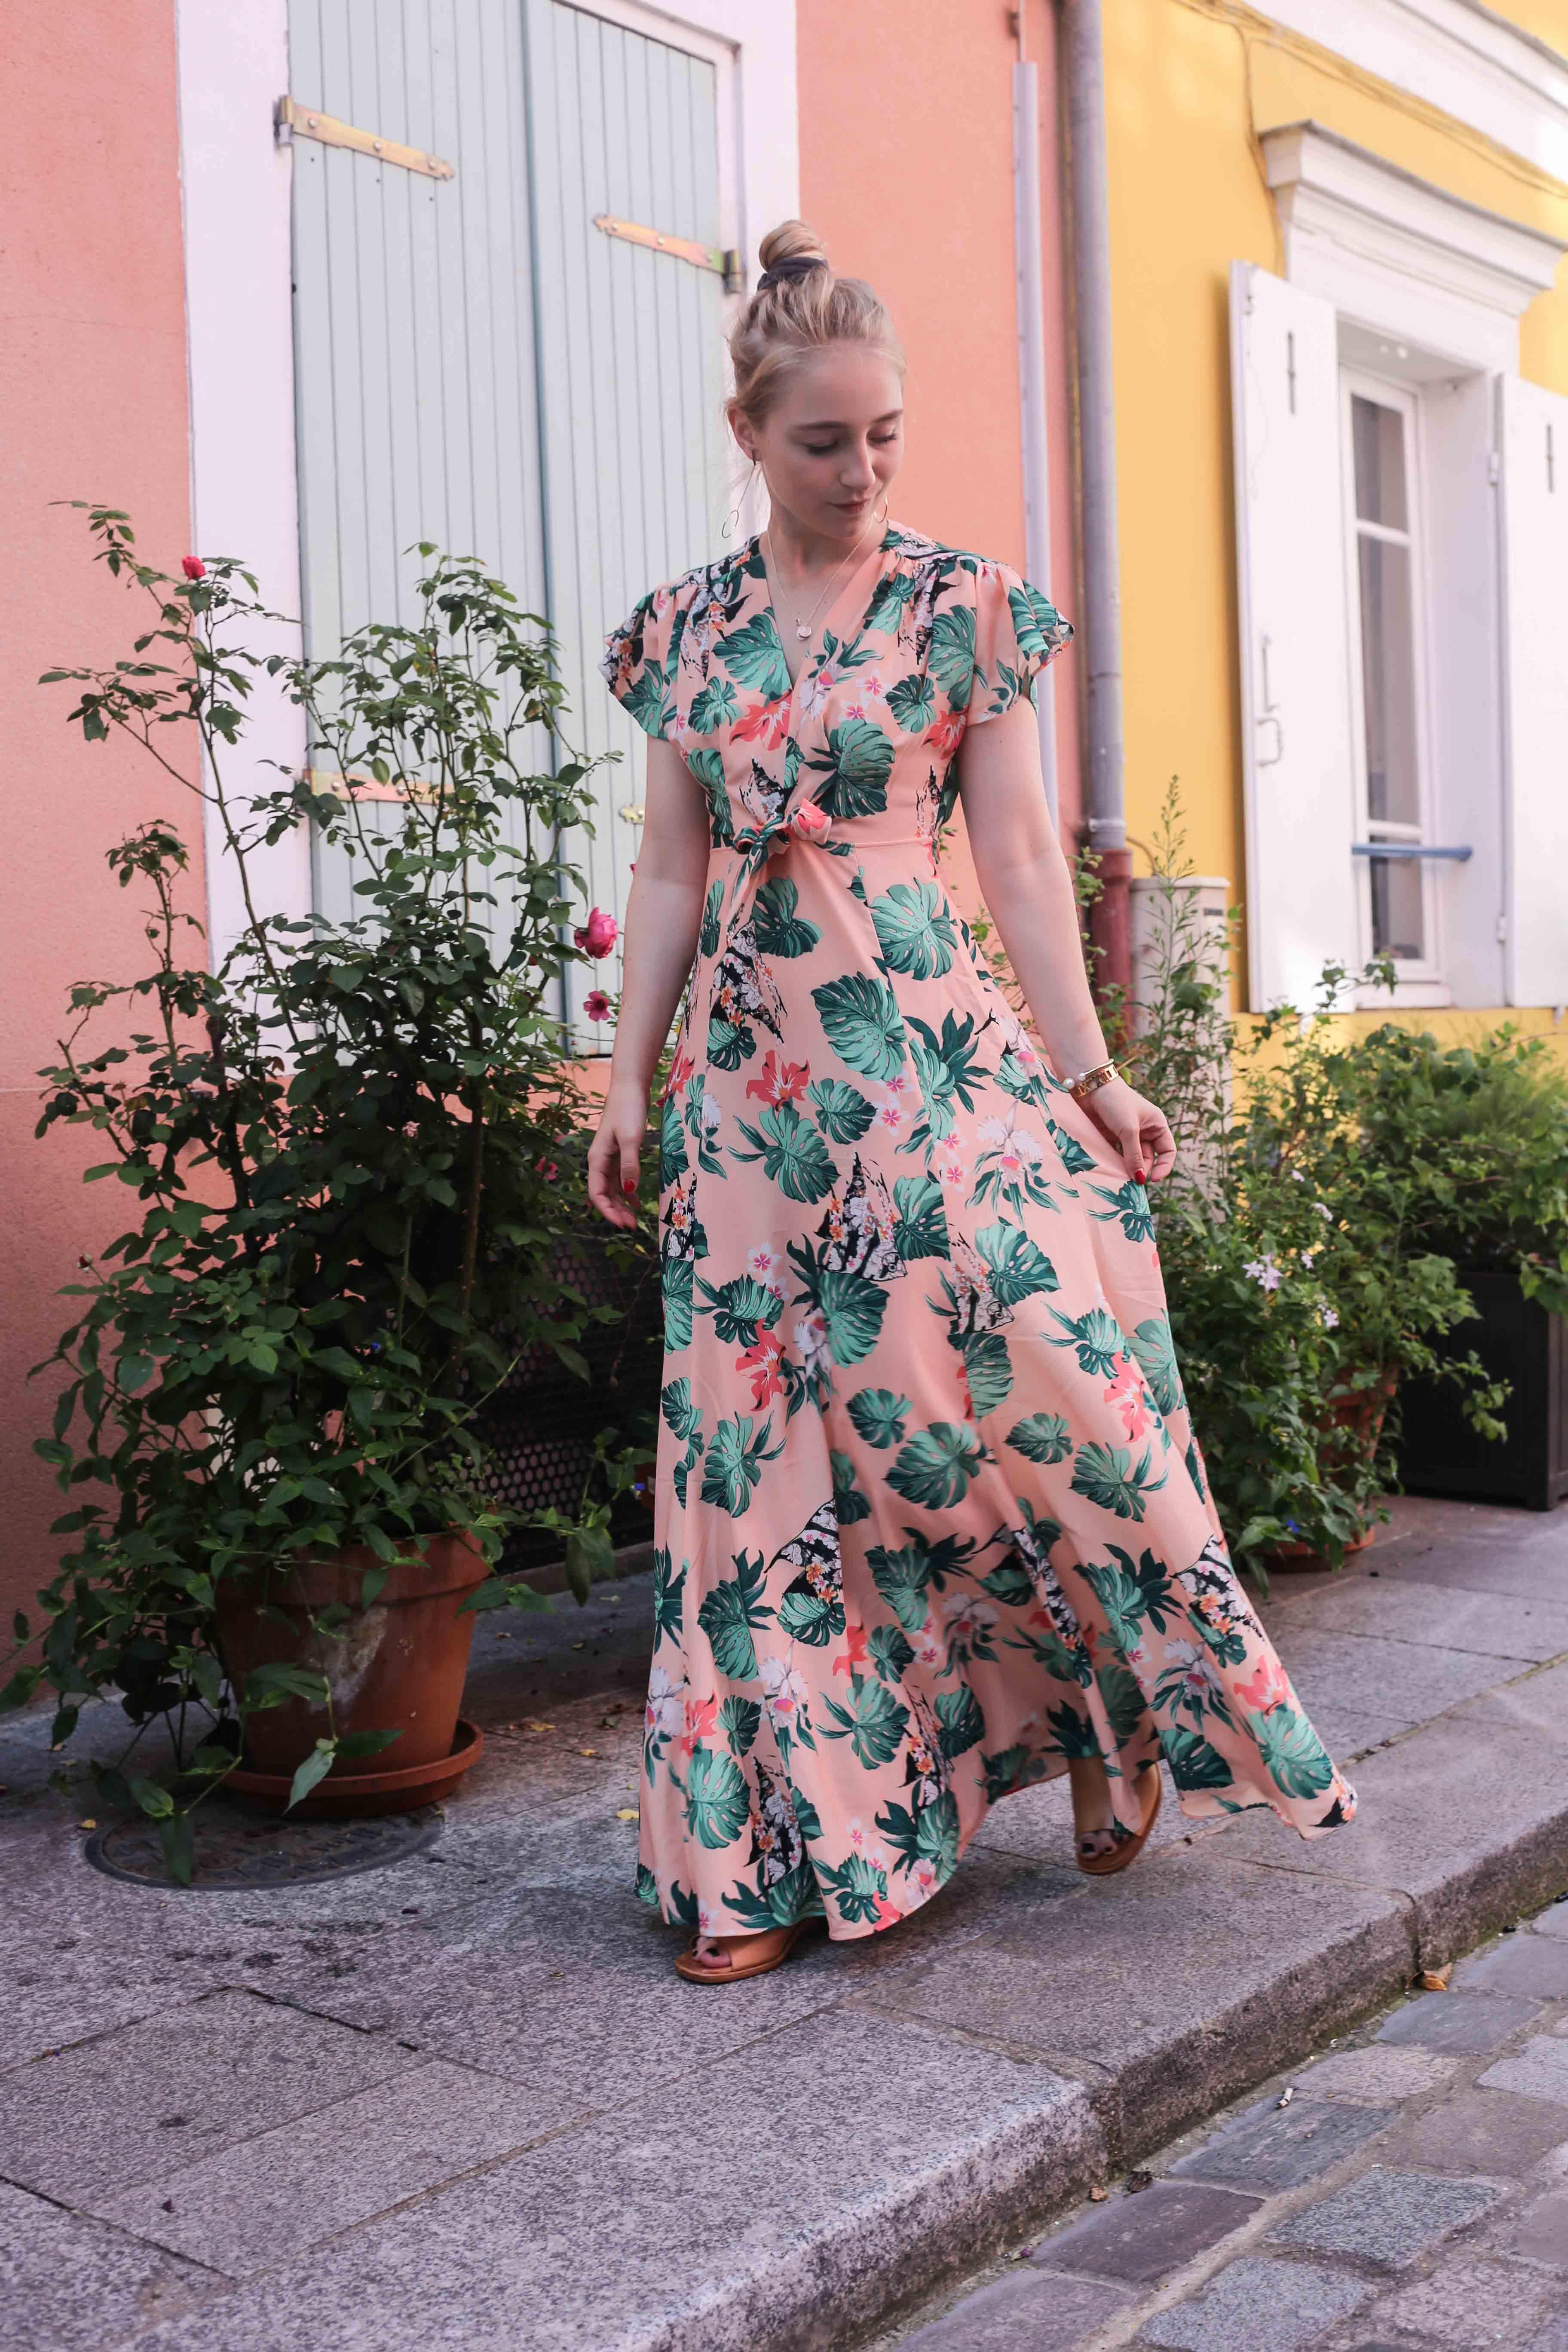 apricot-maxikleid-mules-sommer-paris-outfit-fashionblog-modeblog_0993